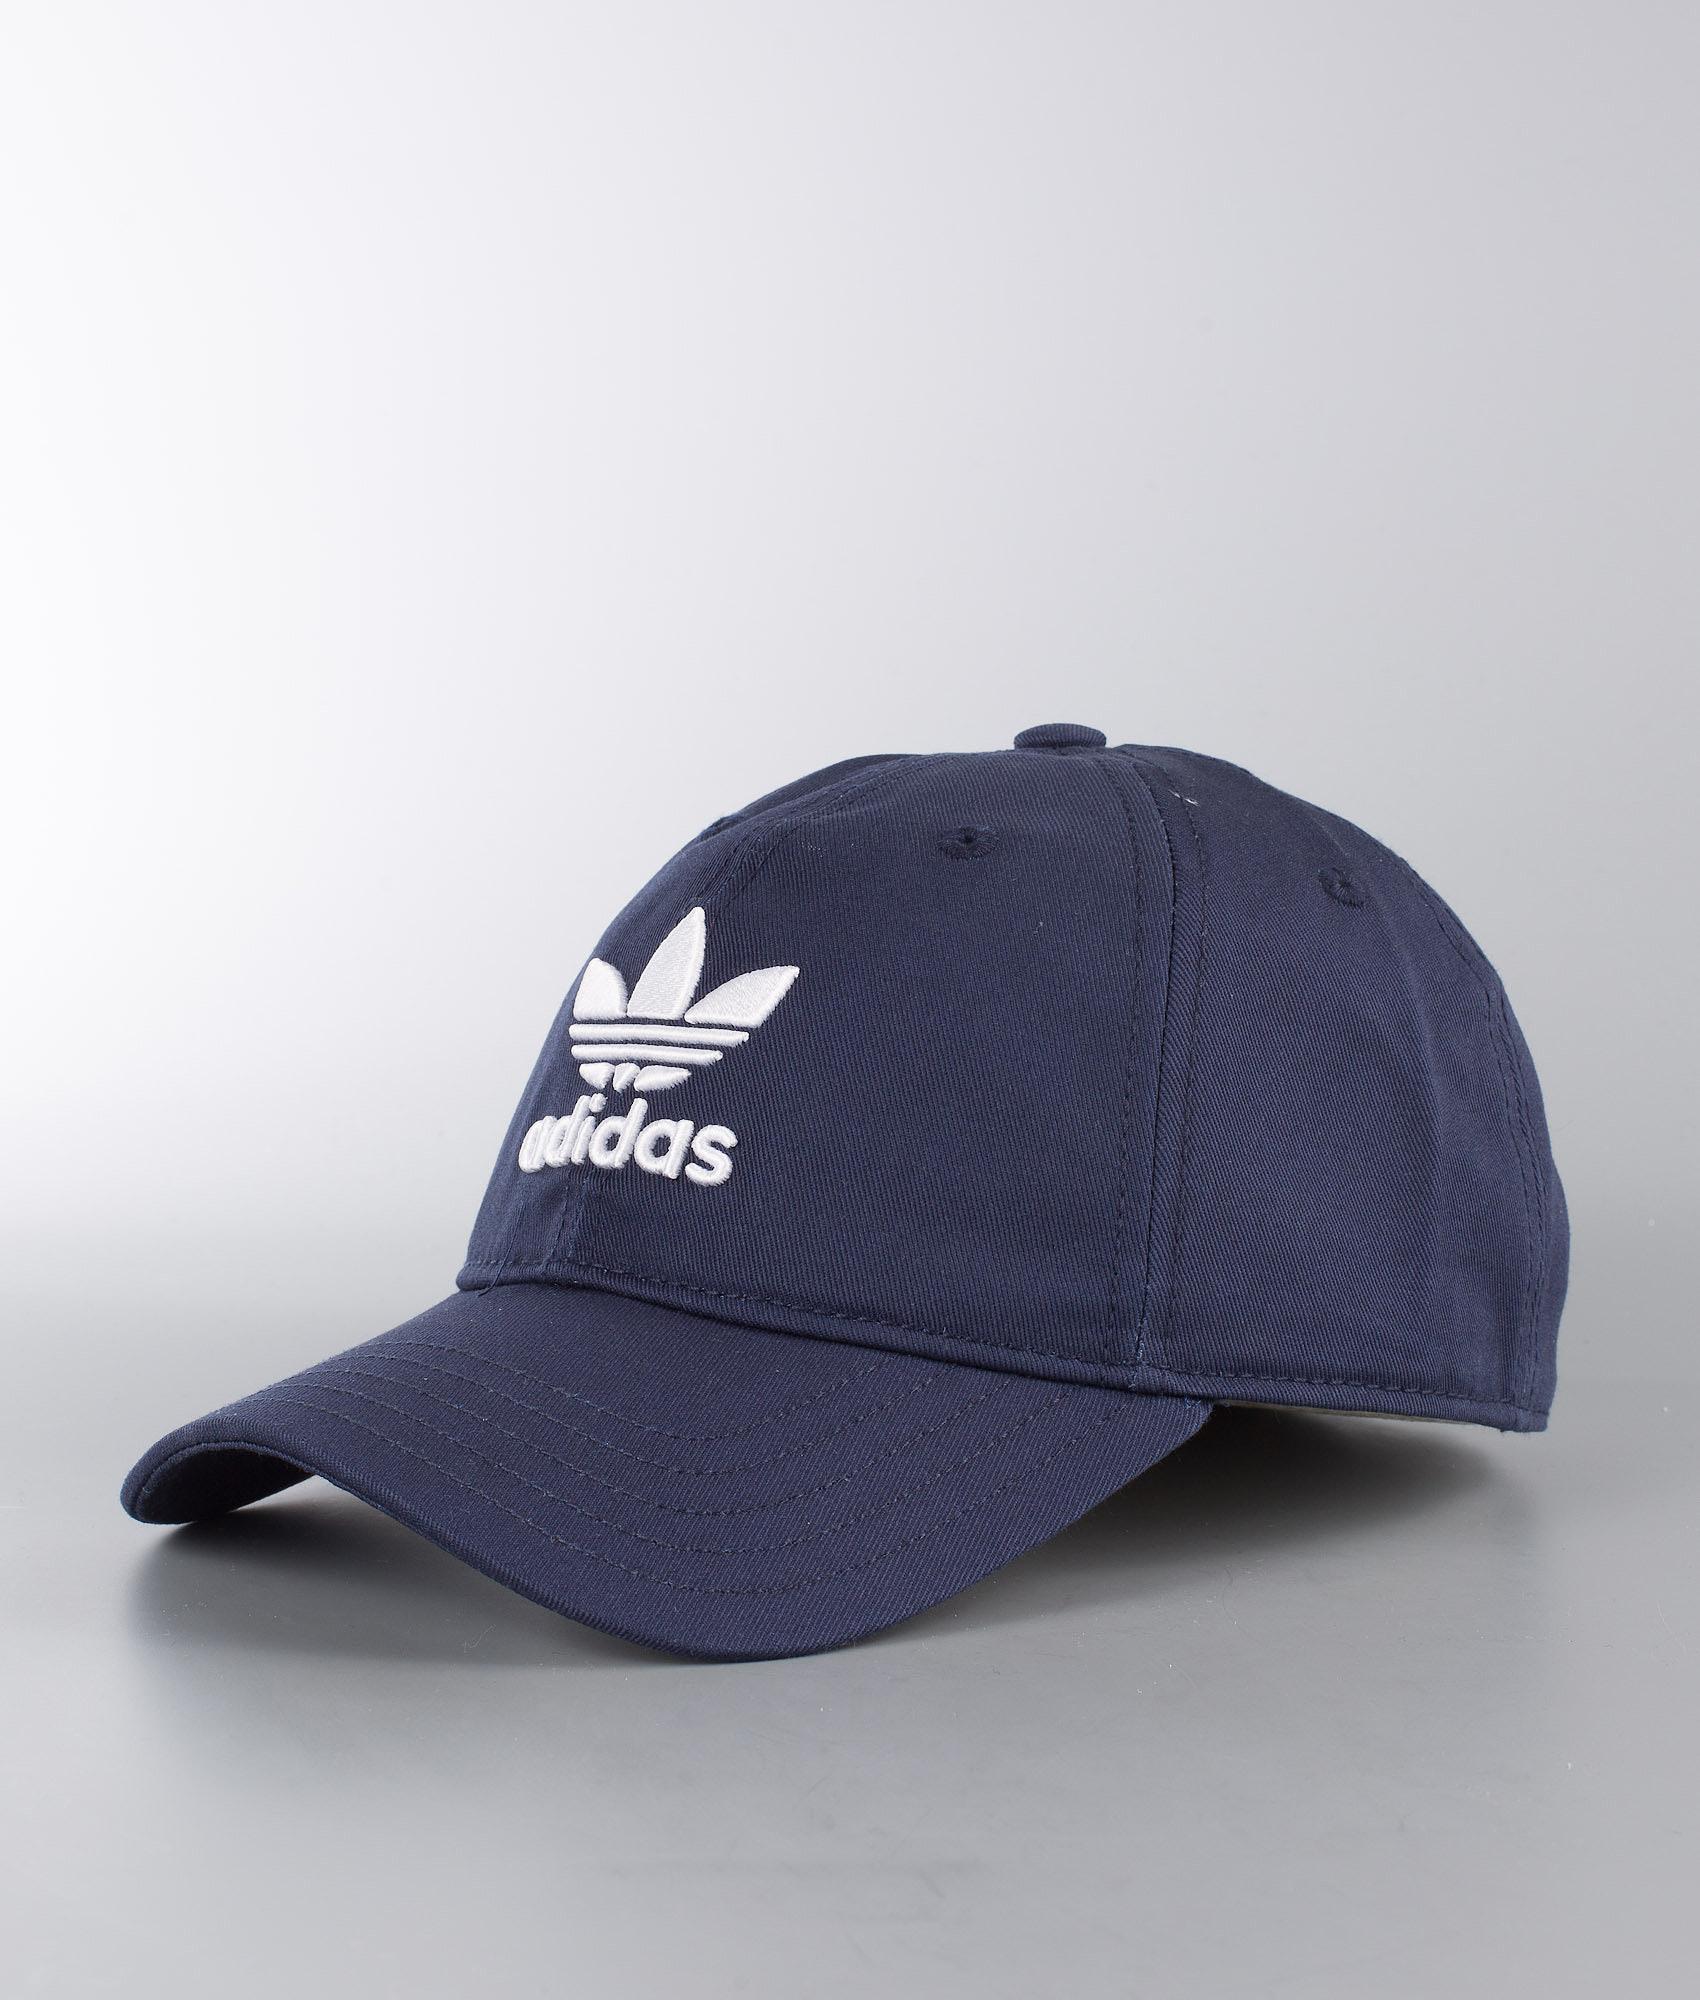 0e6b2d9bba0 Adidas Originals Trefoil Cap Collegiate Navy White - Ridestore.com